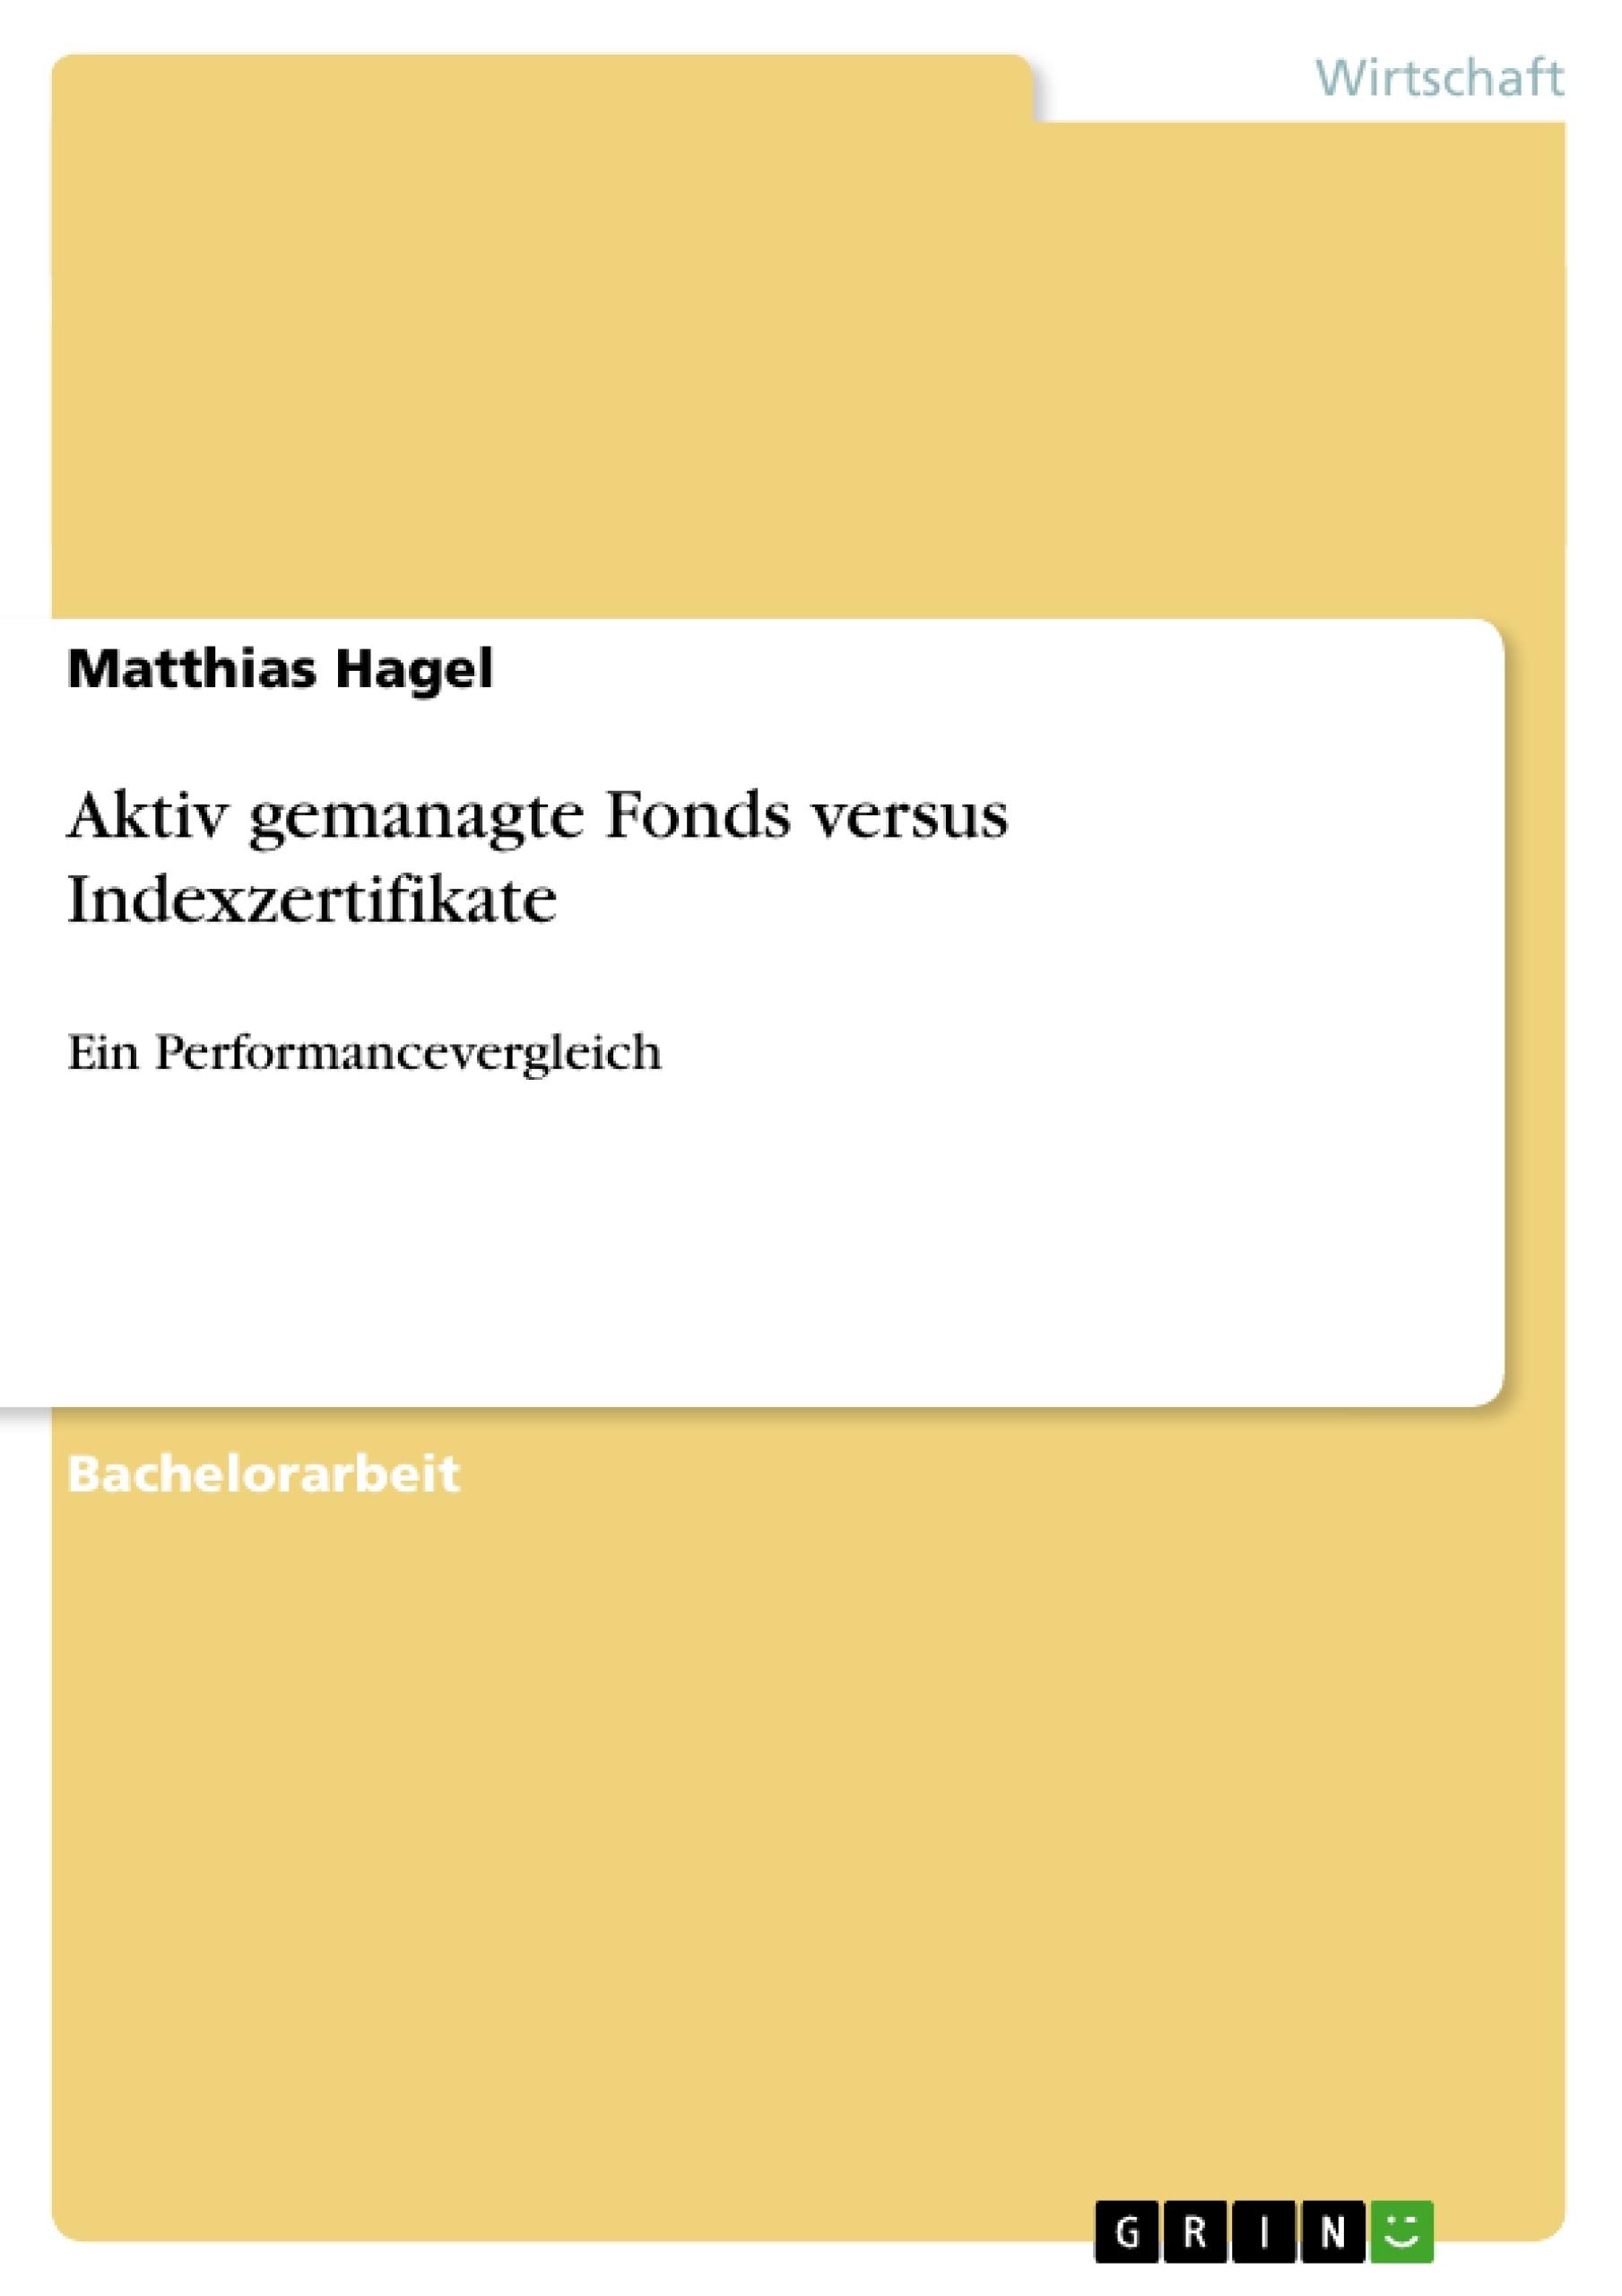 Titel: Aktiv gemanagte Fonds versus Indexzertifikate